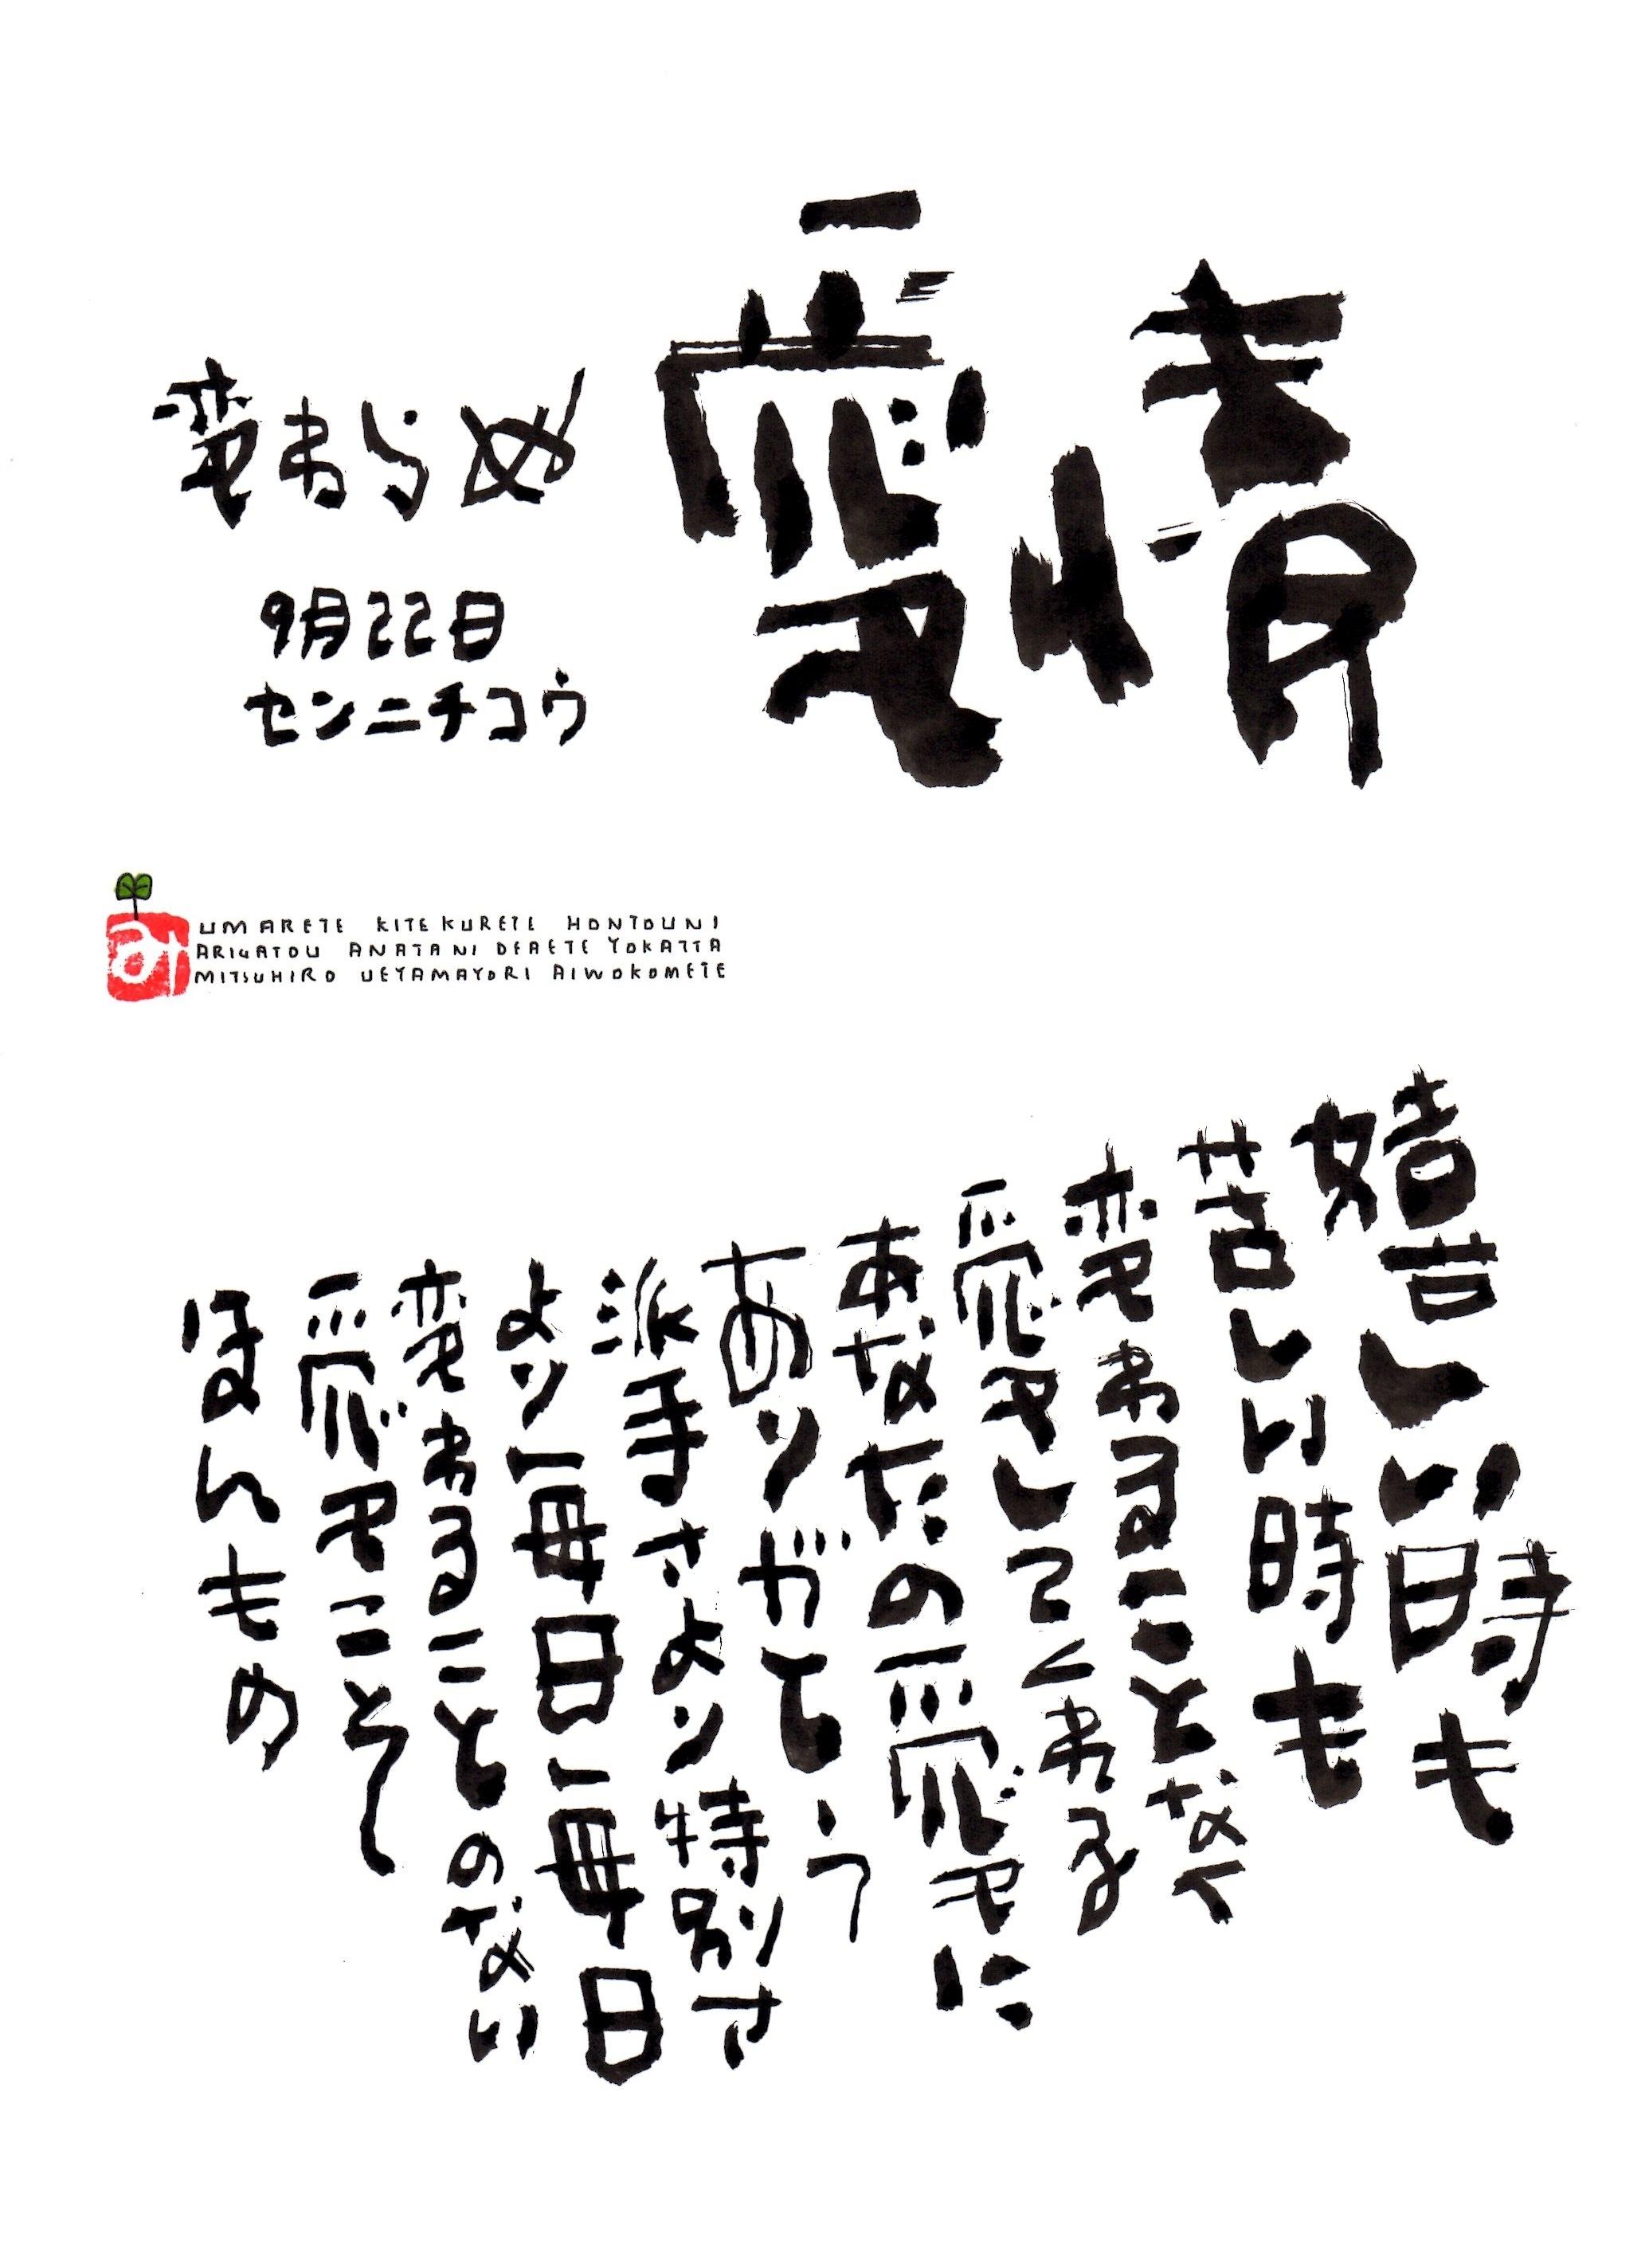 9月22日 誕生日ポストカード【変わらぬ愛情】Unchanging laffection